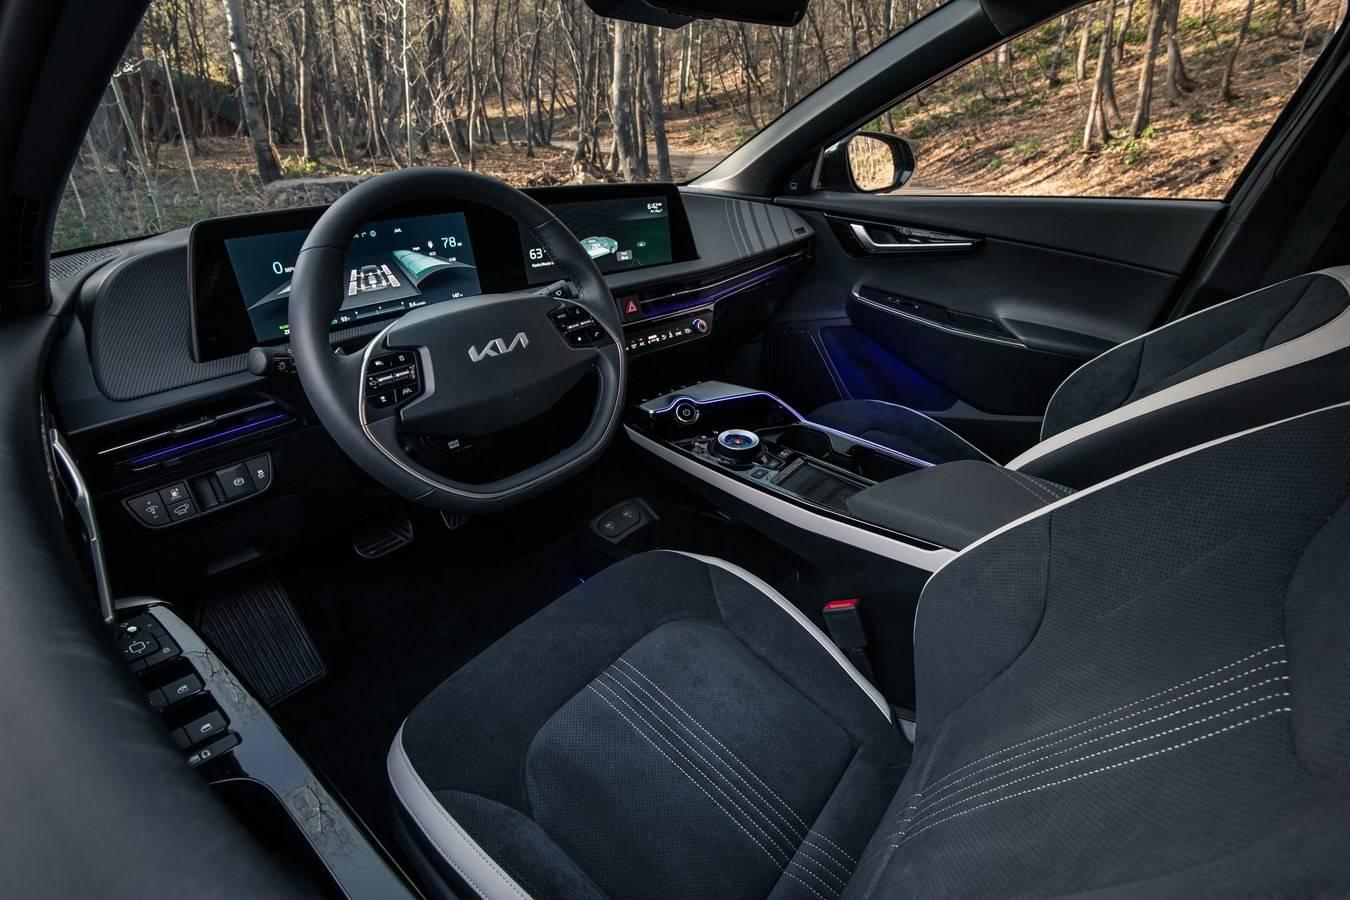 韩国有史以来第一款获得碳足迹认证车型——起亚EV6插图4